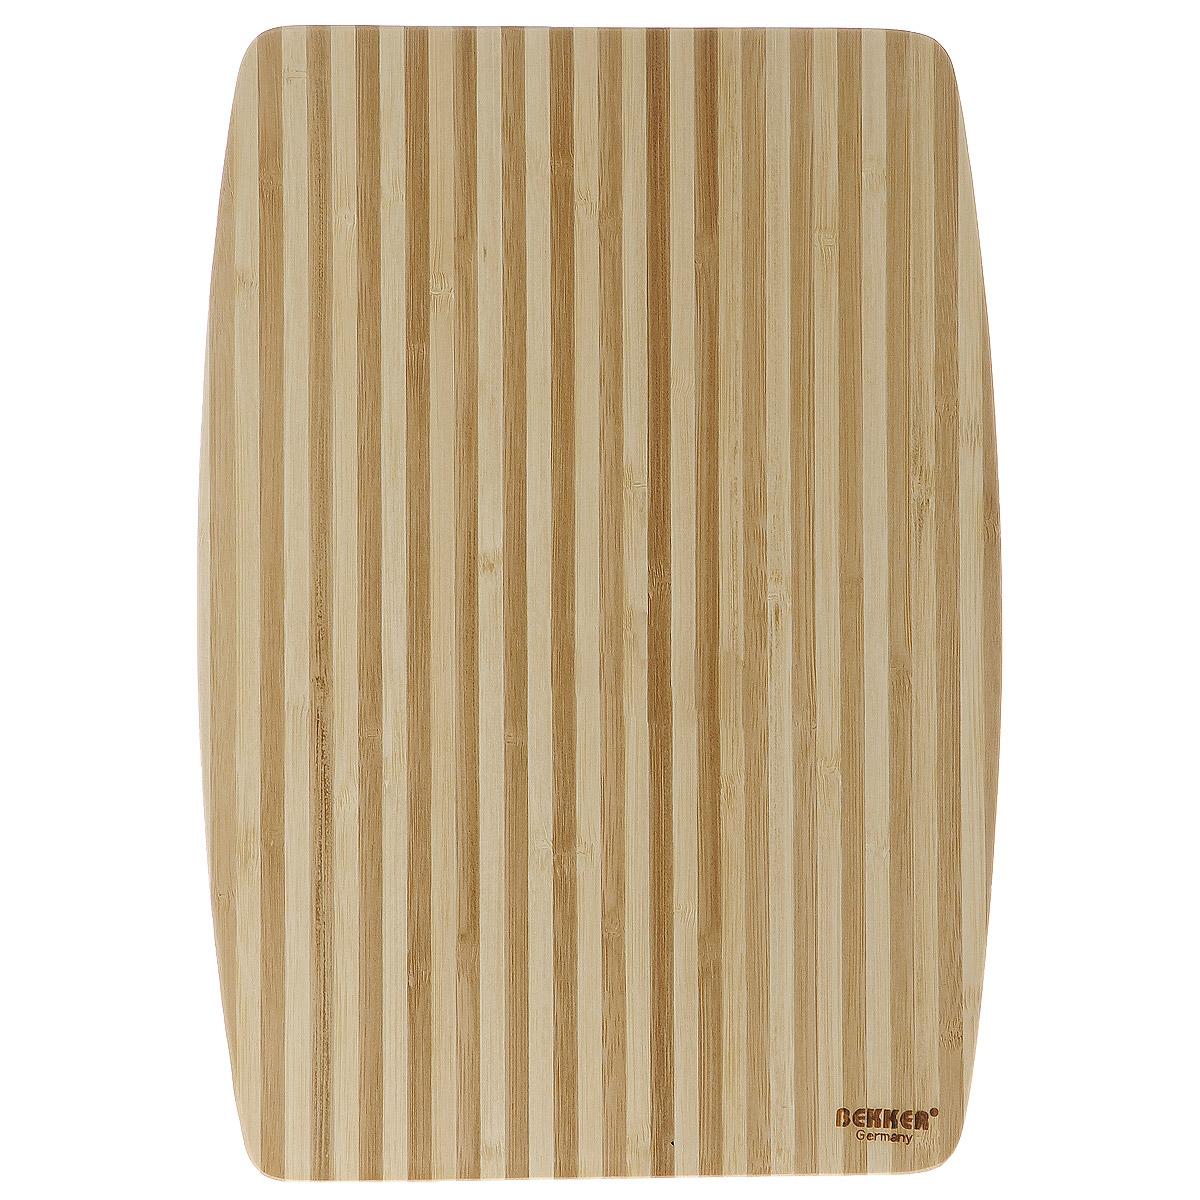 Доска разделочная Bekker, бамбуковая, 34 см х 24 смBK-9713Прямоугольная разделочная доска Bekker изготовлена из высококачественной древесины темного и светлого бамбука, обладающей антибактериальными свойствами. Бамбук - инновационный материал, идеально подходящий для разделочных досок. Доски из бамбука обладают высокой плотностью структуры древесины, а также устойчивы к механическим воздействиям. Функциональная и простая в использовании, разделочная доска Bekker прекрасно впишется в интерьер любой кухни и прослужит вам долгие годы.